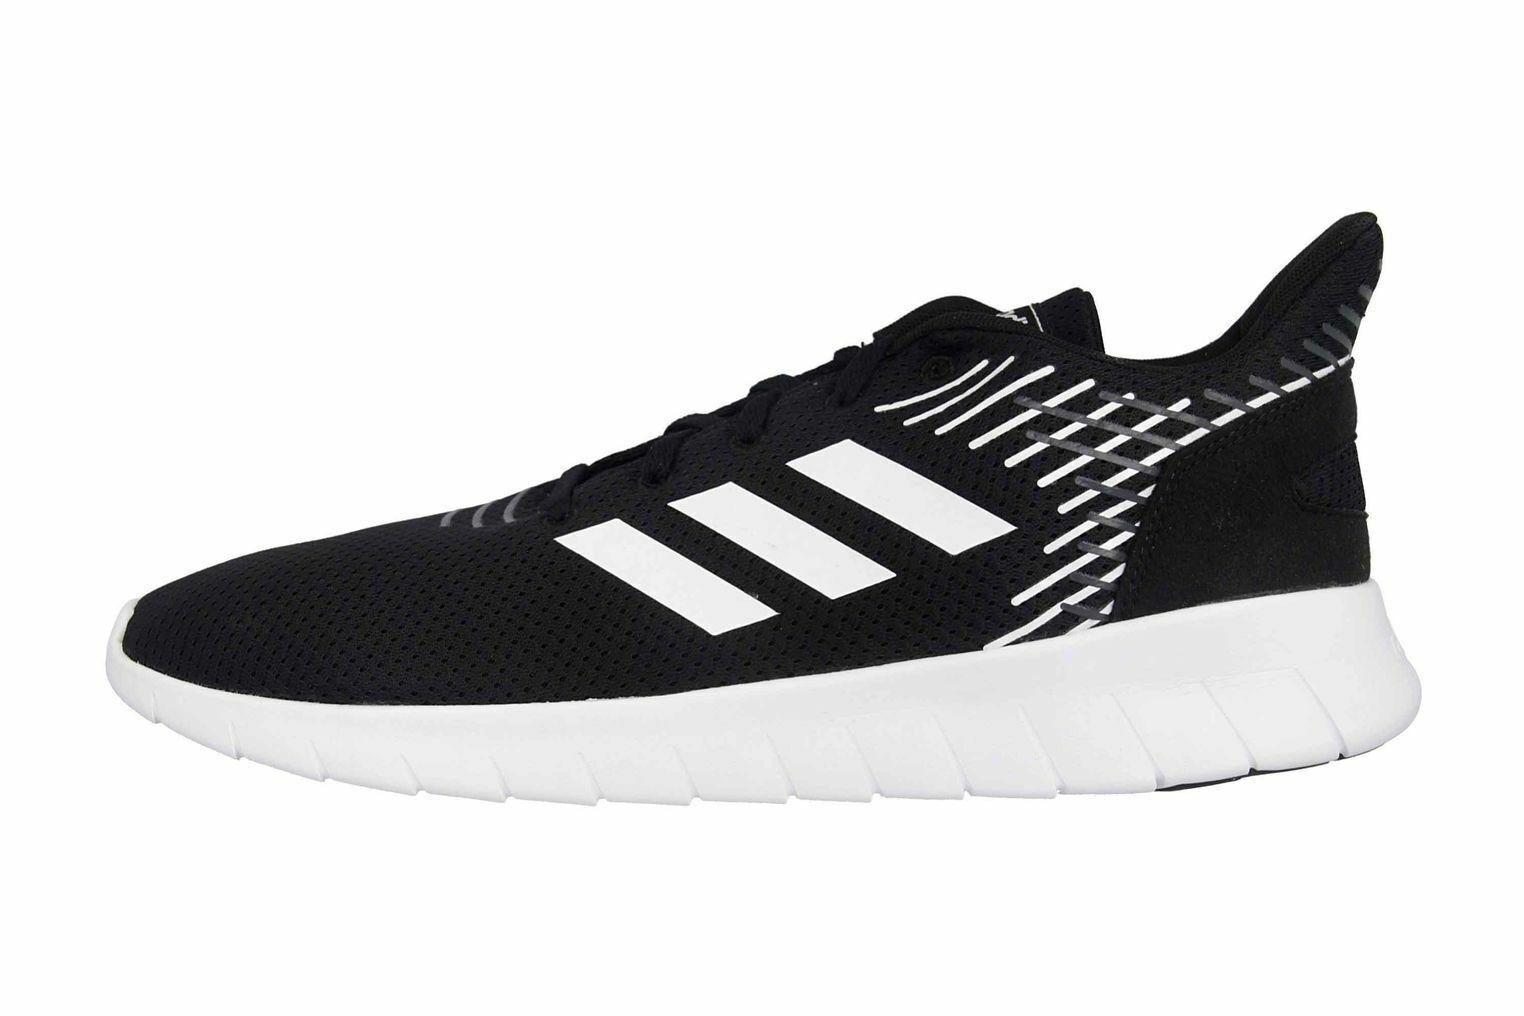 scarpe da da da ginnastica ADIDAS asweerun in overDimensione nero f36331 grandi scarpe da uomo d99499